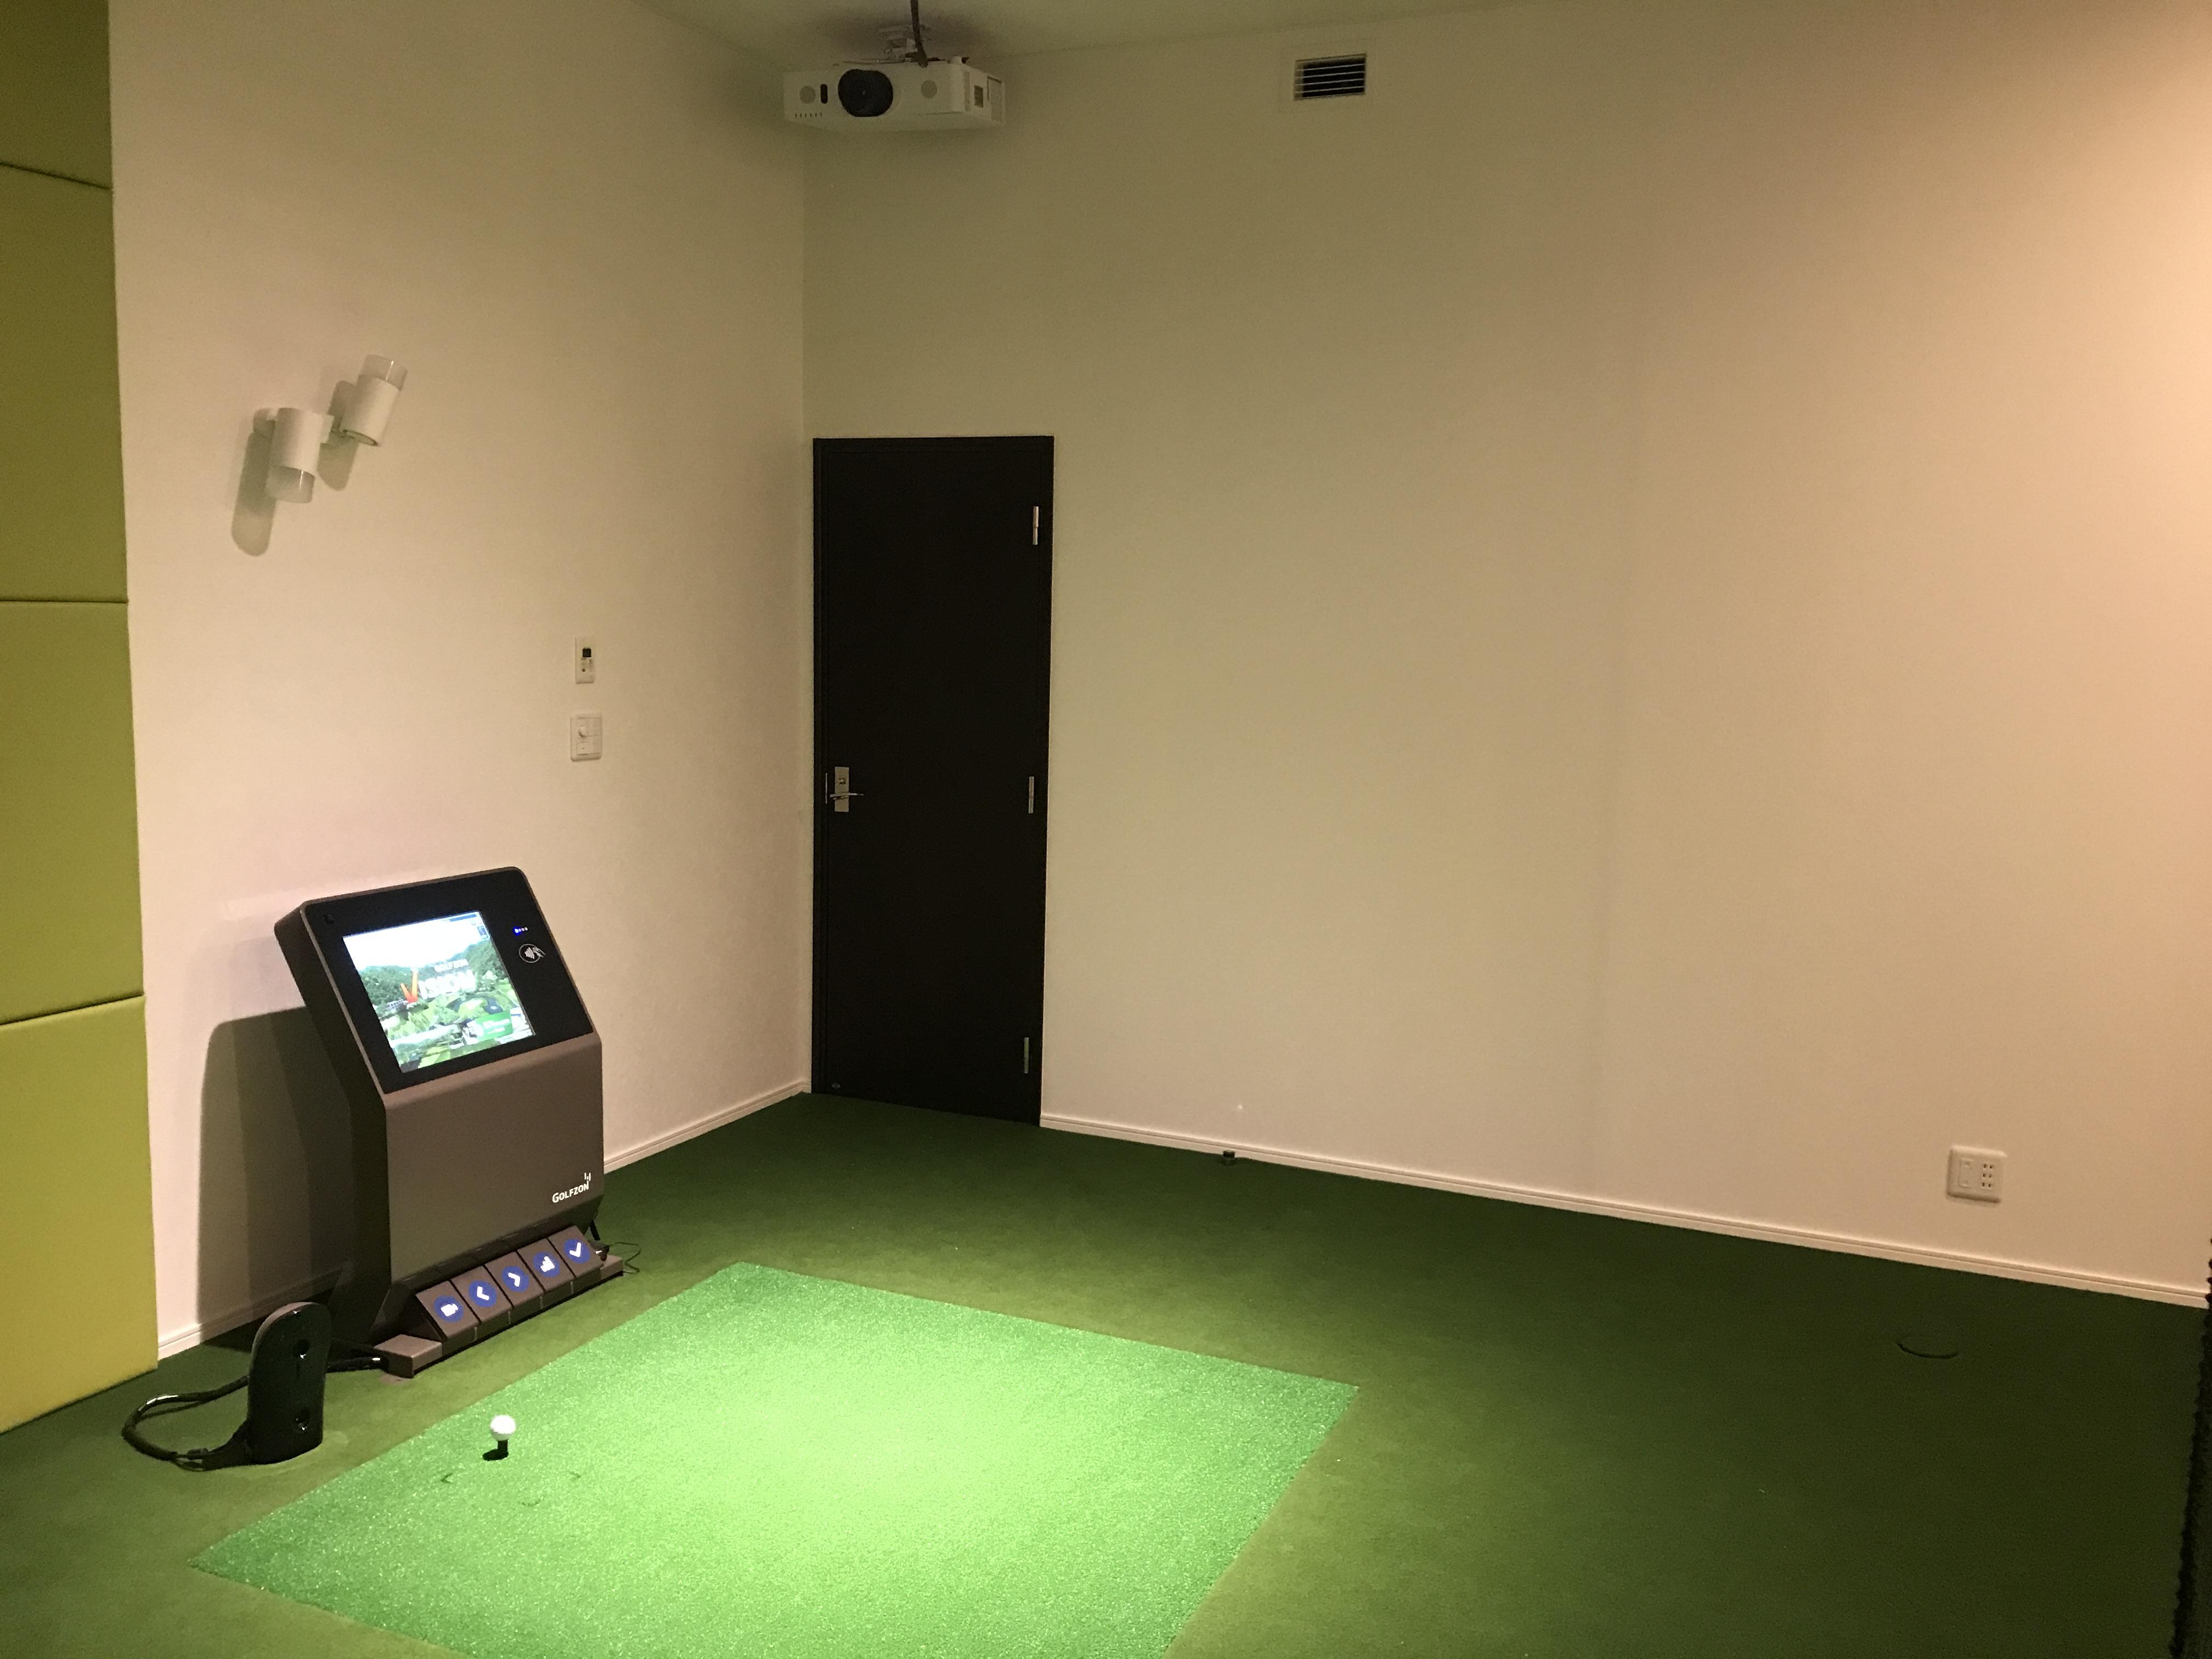 ゴルフシュミレーター